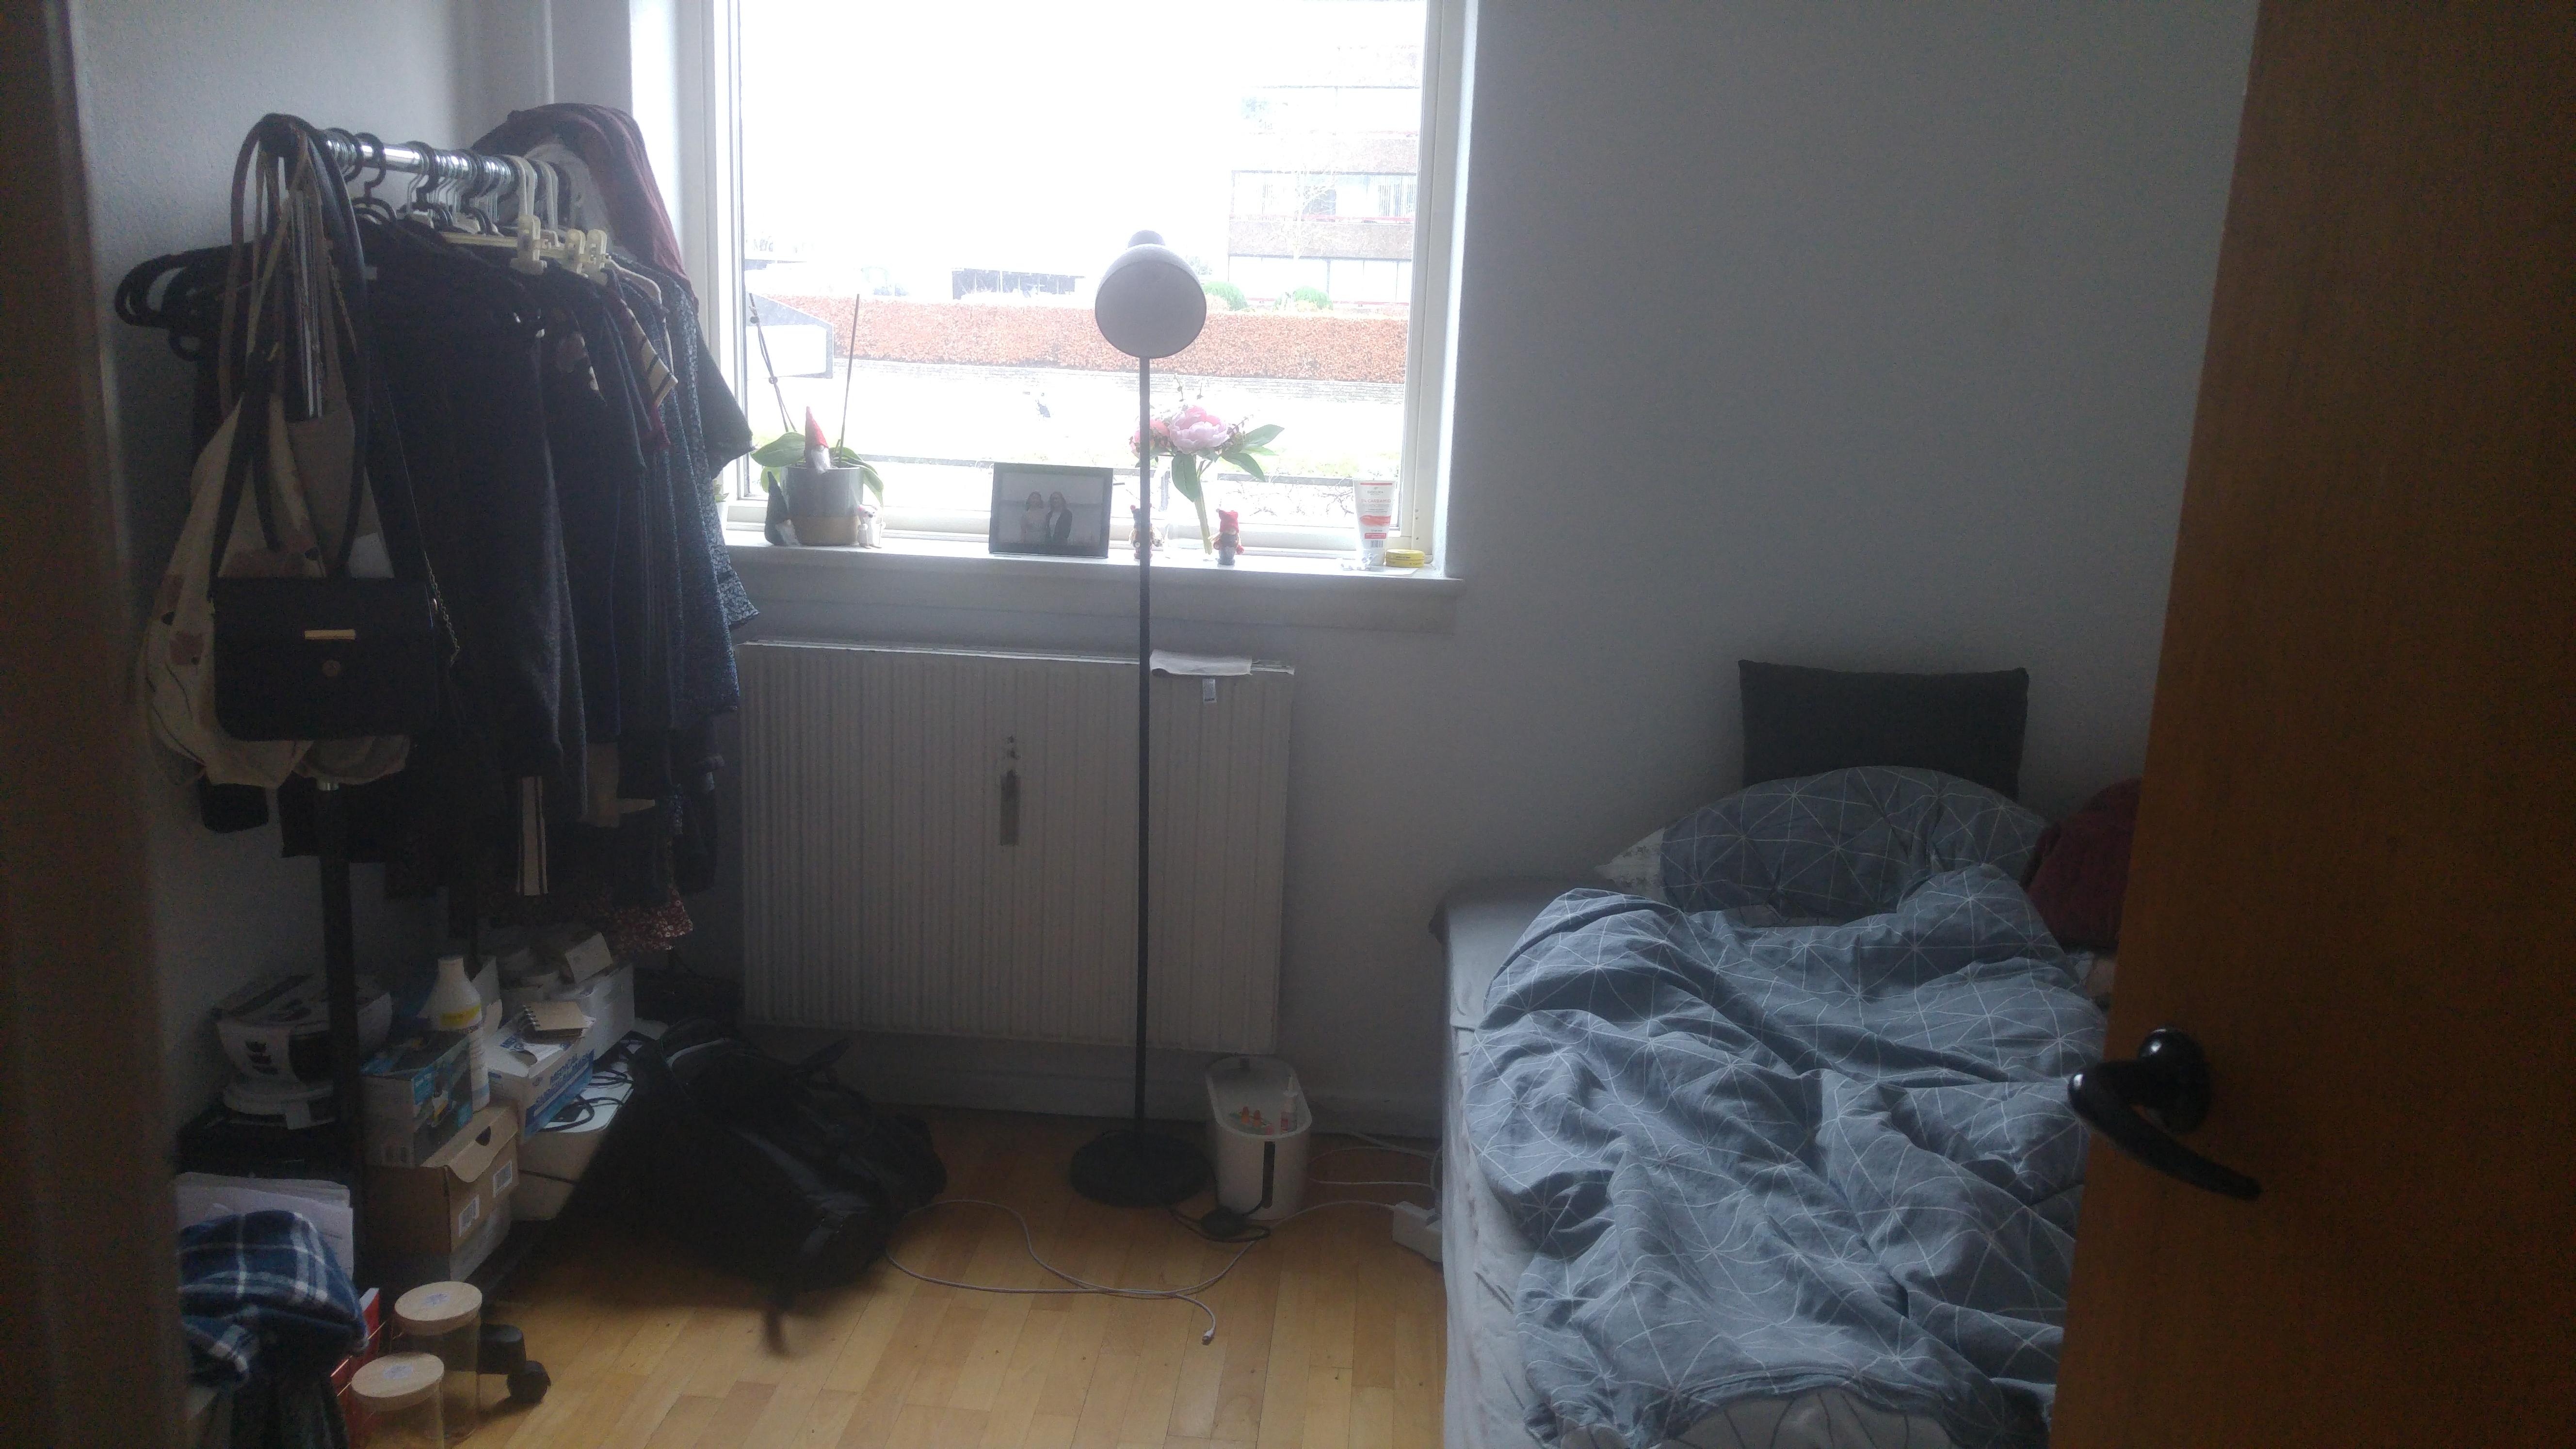 Centralt beliggende værelse udlejes i Roskilde med fri afbenyttelse af wifi/vaskekælder.